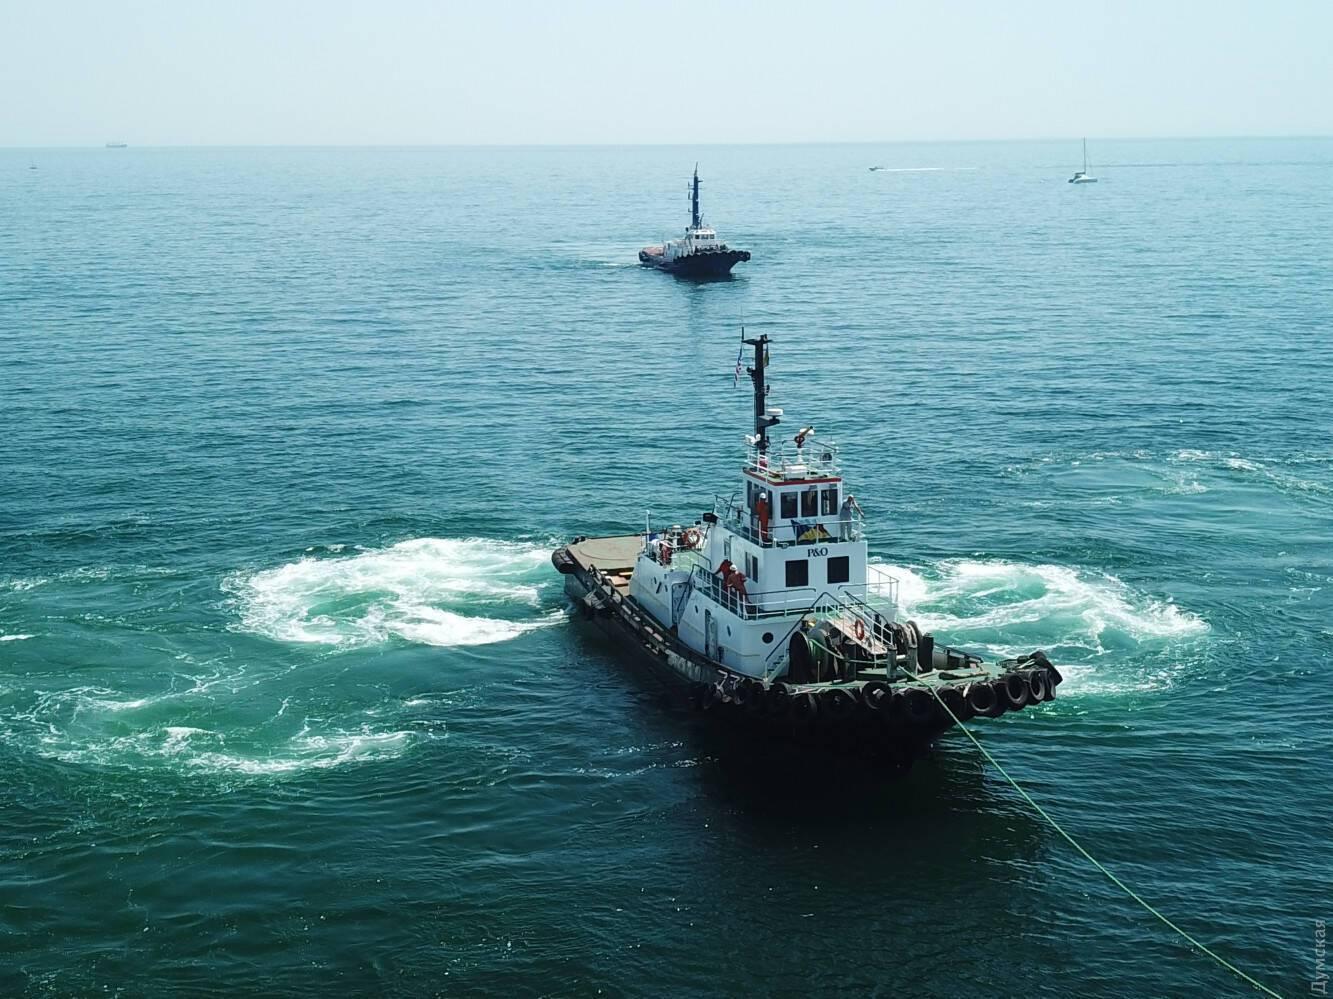 У одного из буксиров, тянувшего танкер Delfi, порвался канат